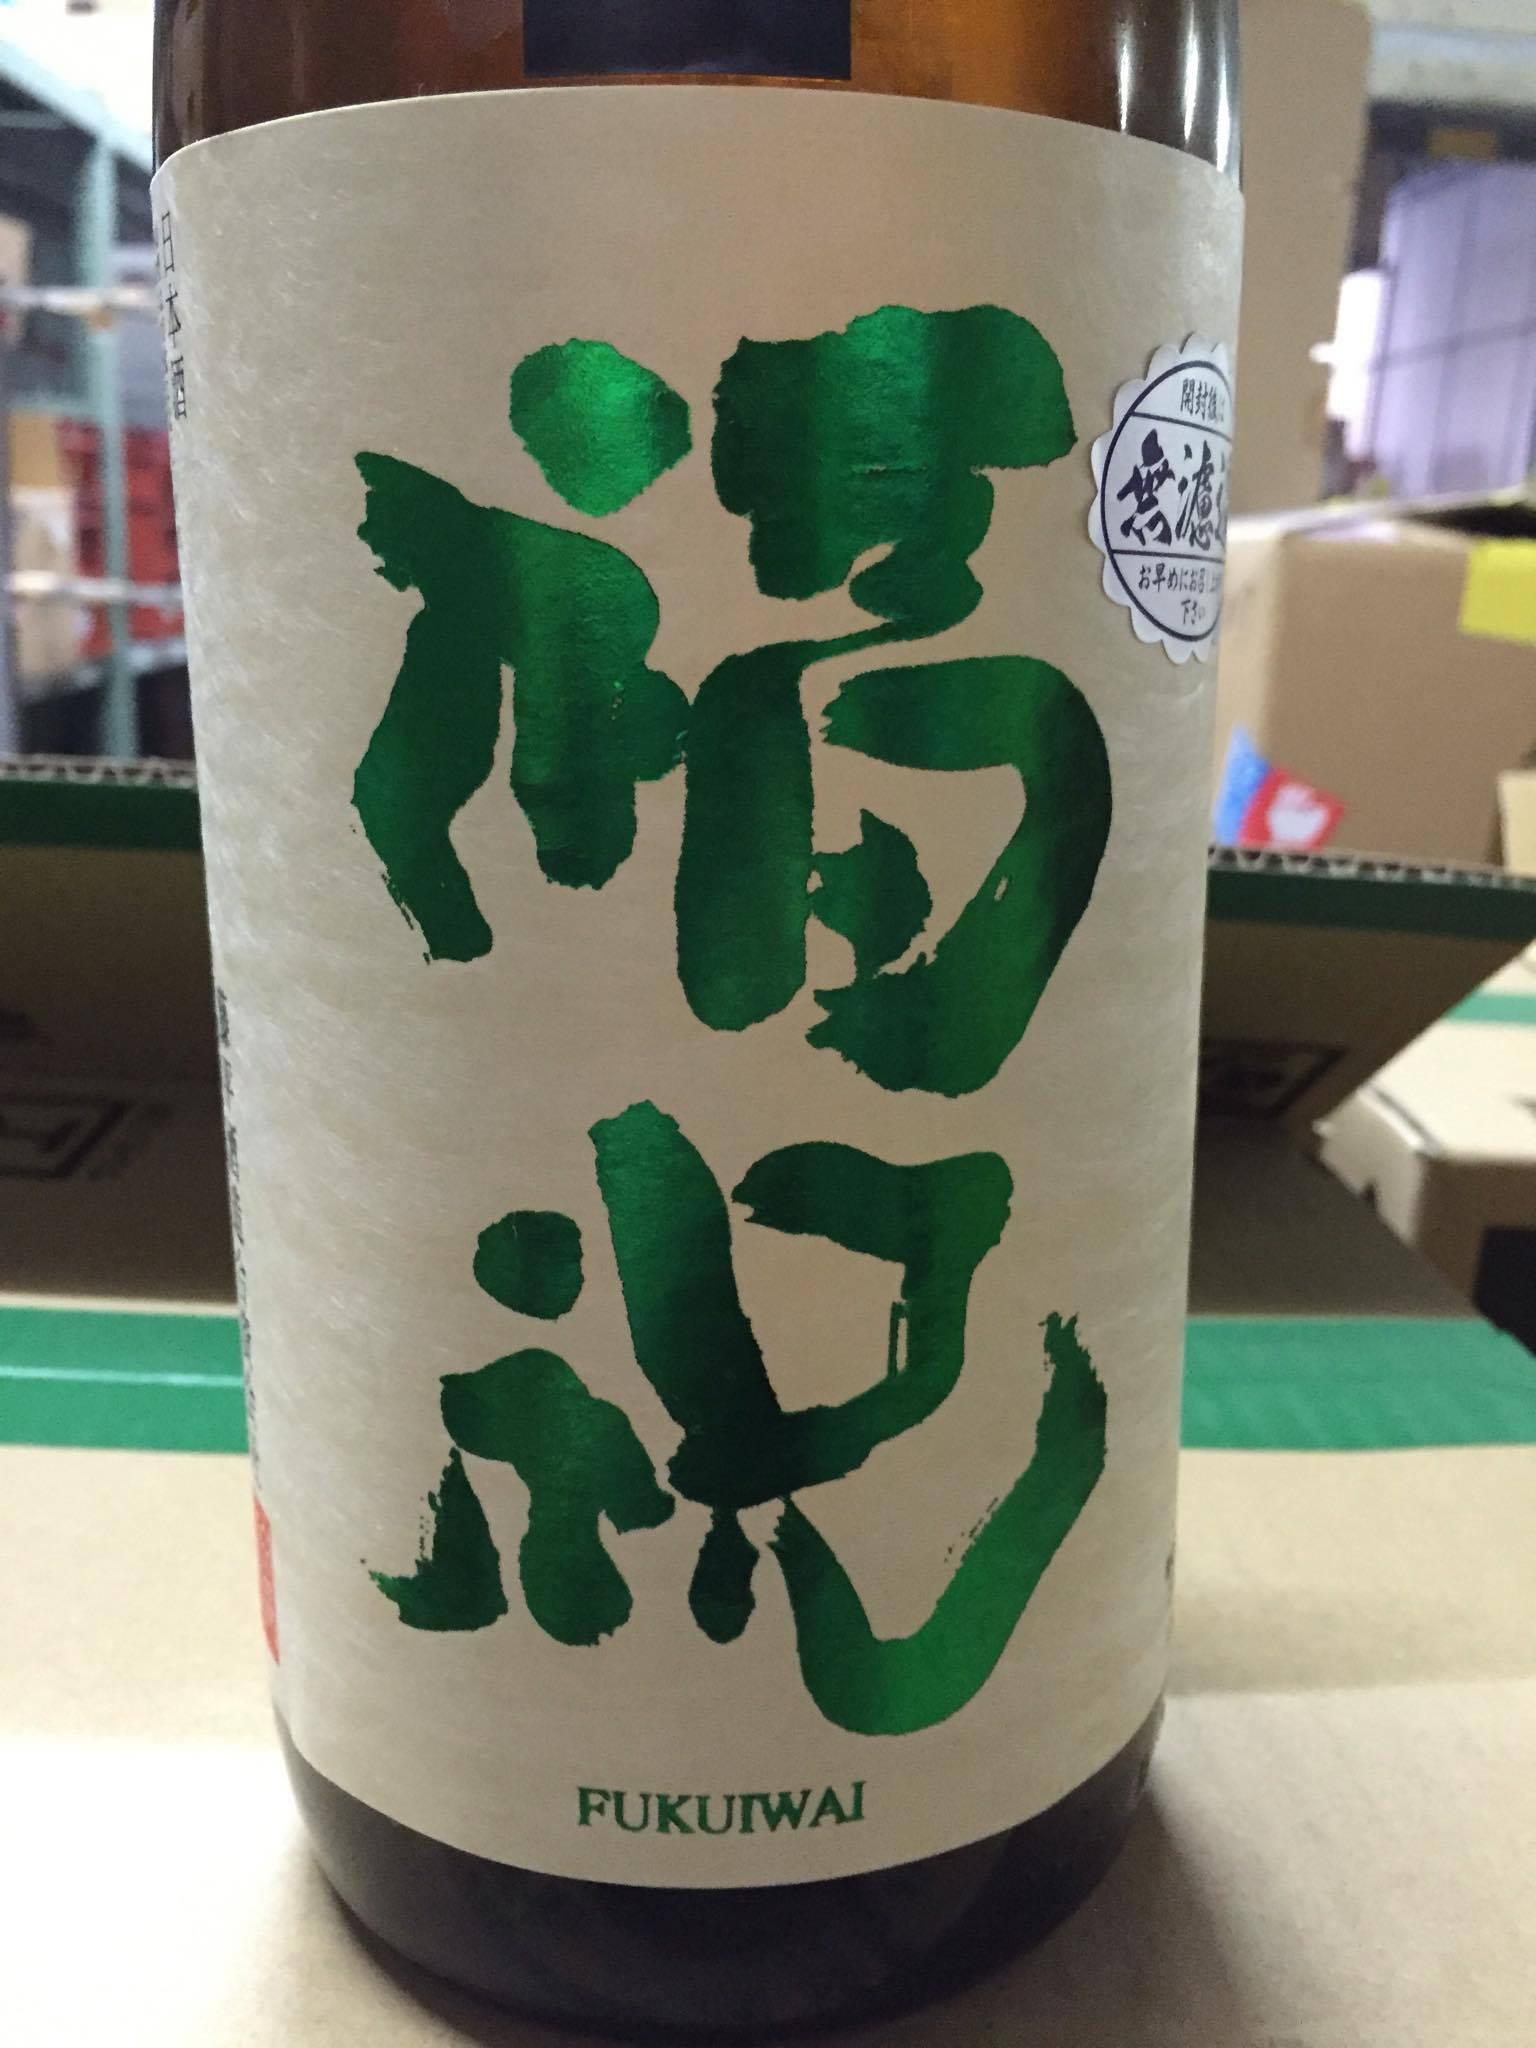 千葉県 日本酒活性化プロジェクト 福祝